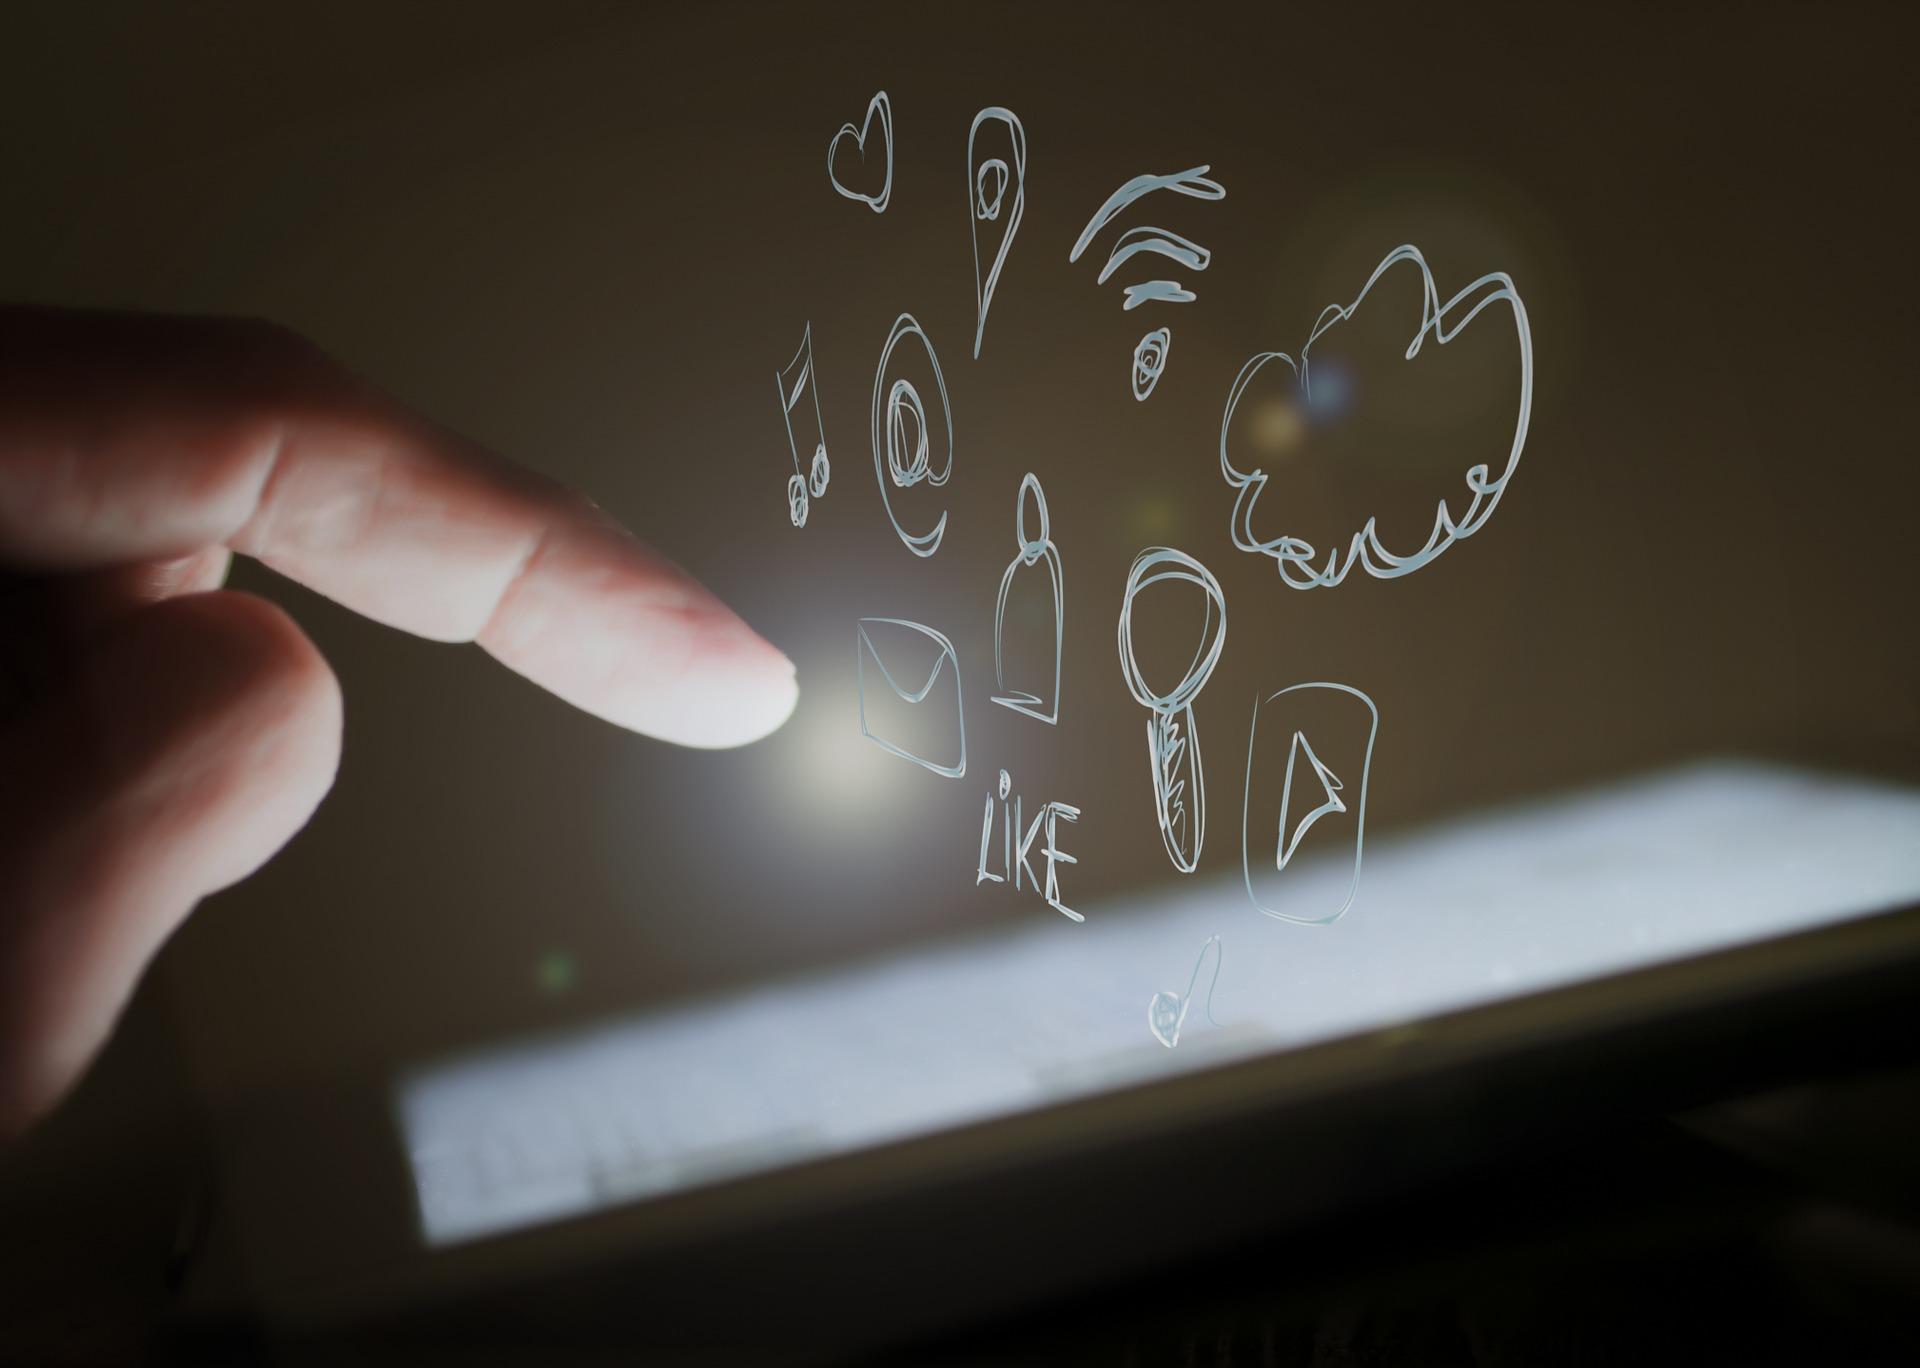 touch-screen-1023966_1920.jpg